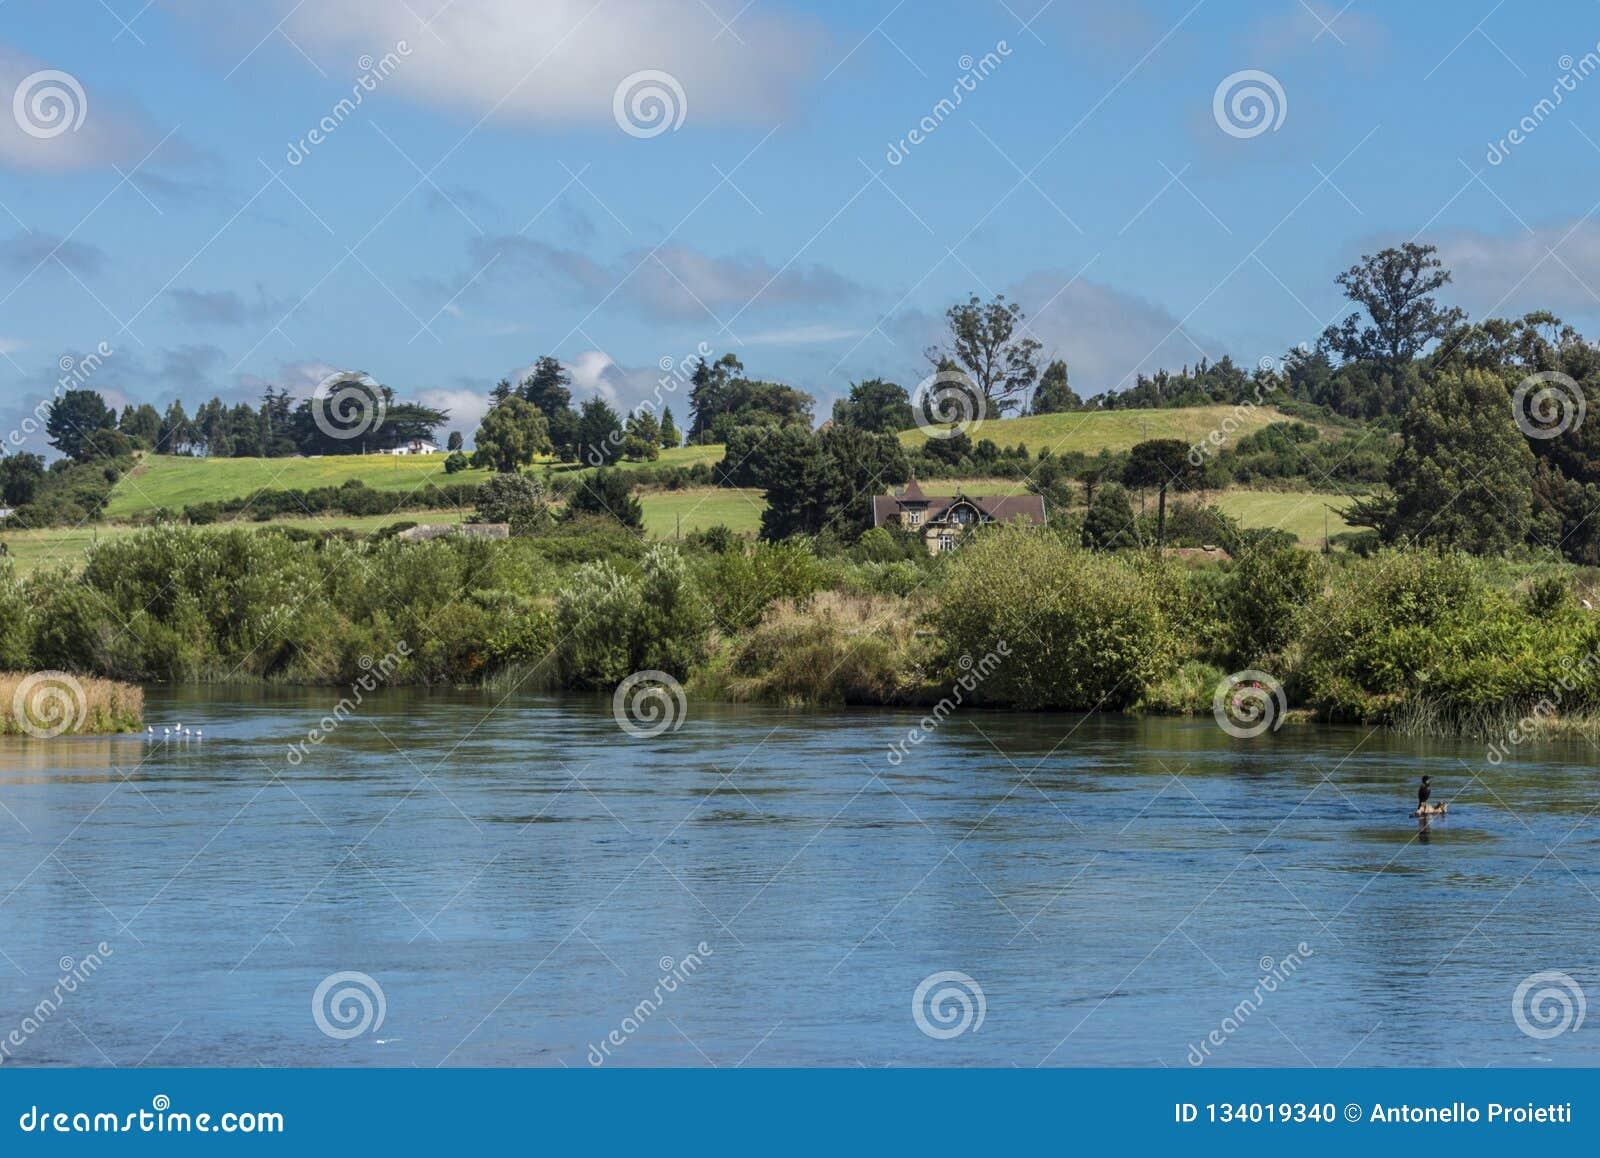 Paisagem com prados e rio no Chile do sul